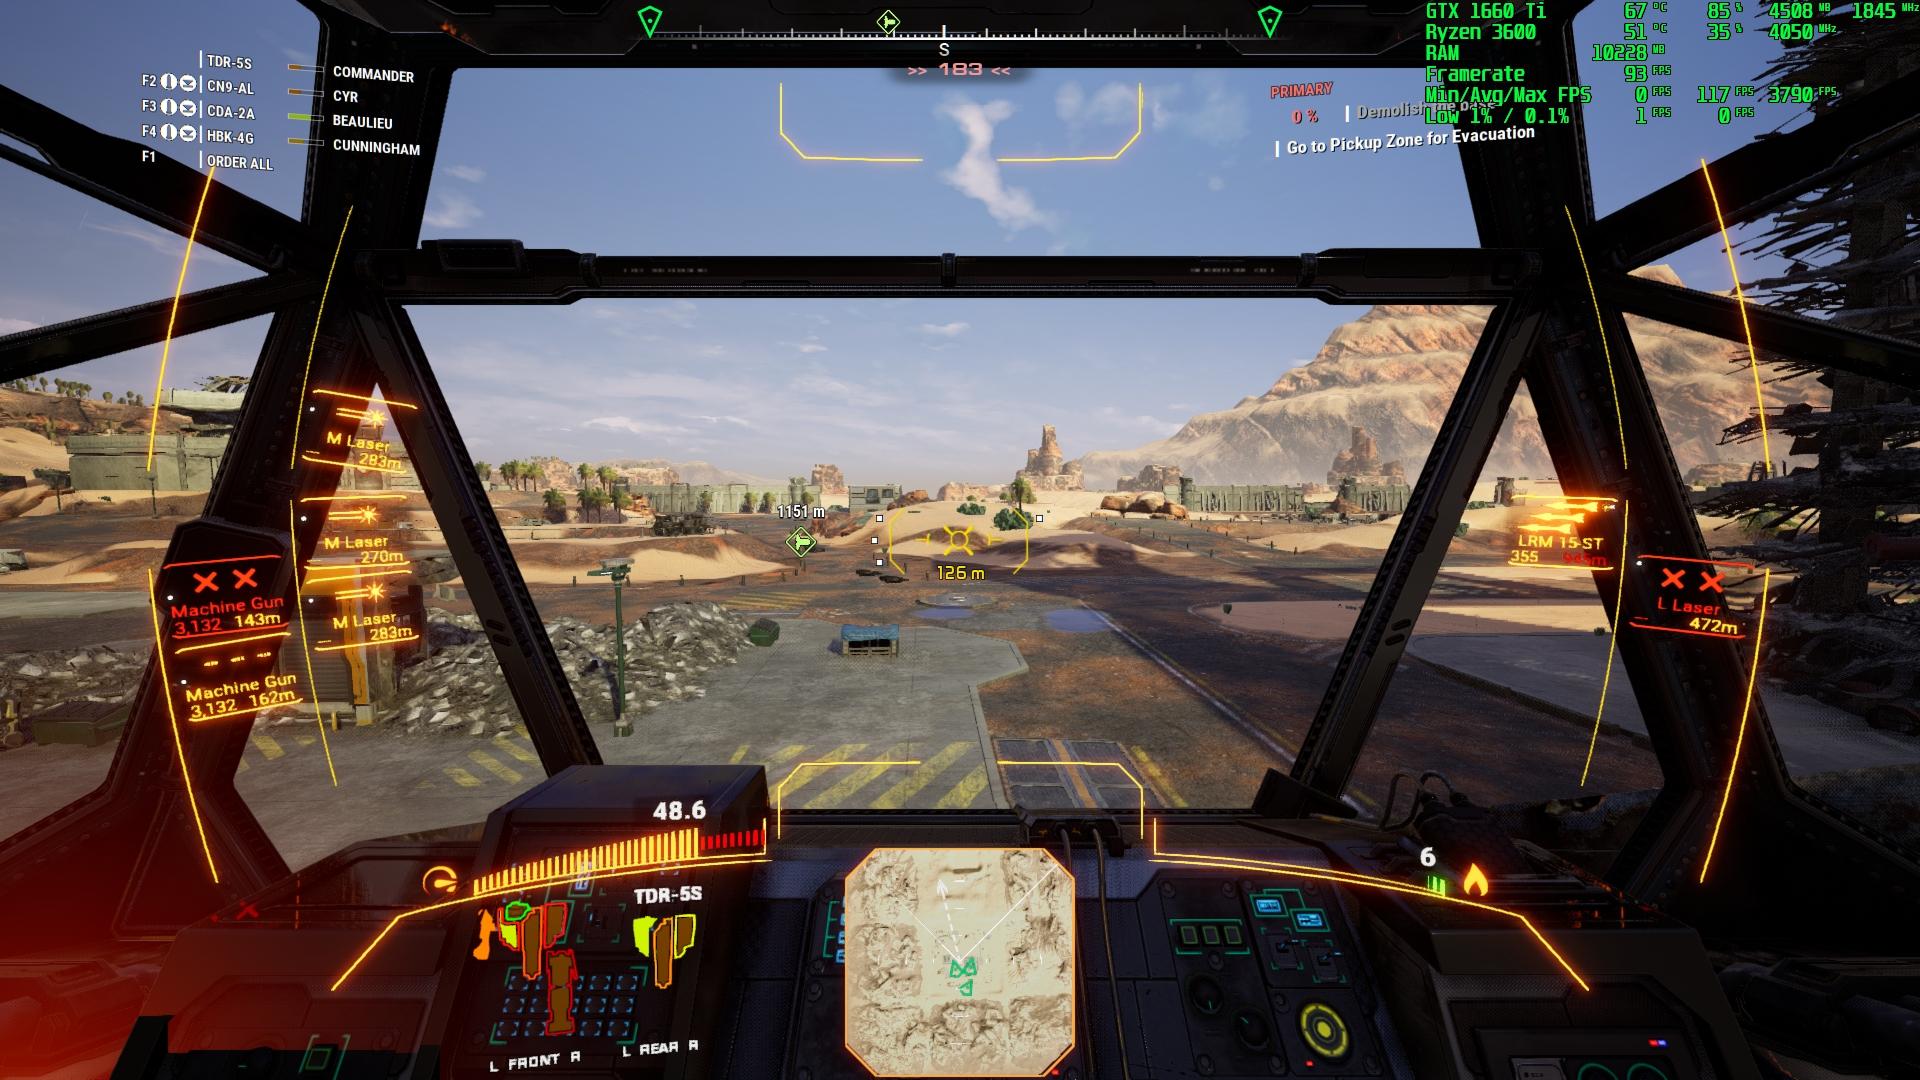 MechWarrior-Win64-Shipping_2020_05_16_00_36_41_777.jpg